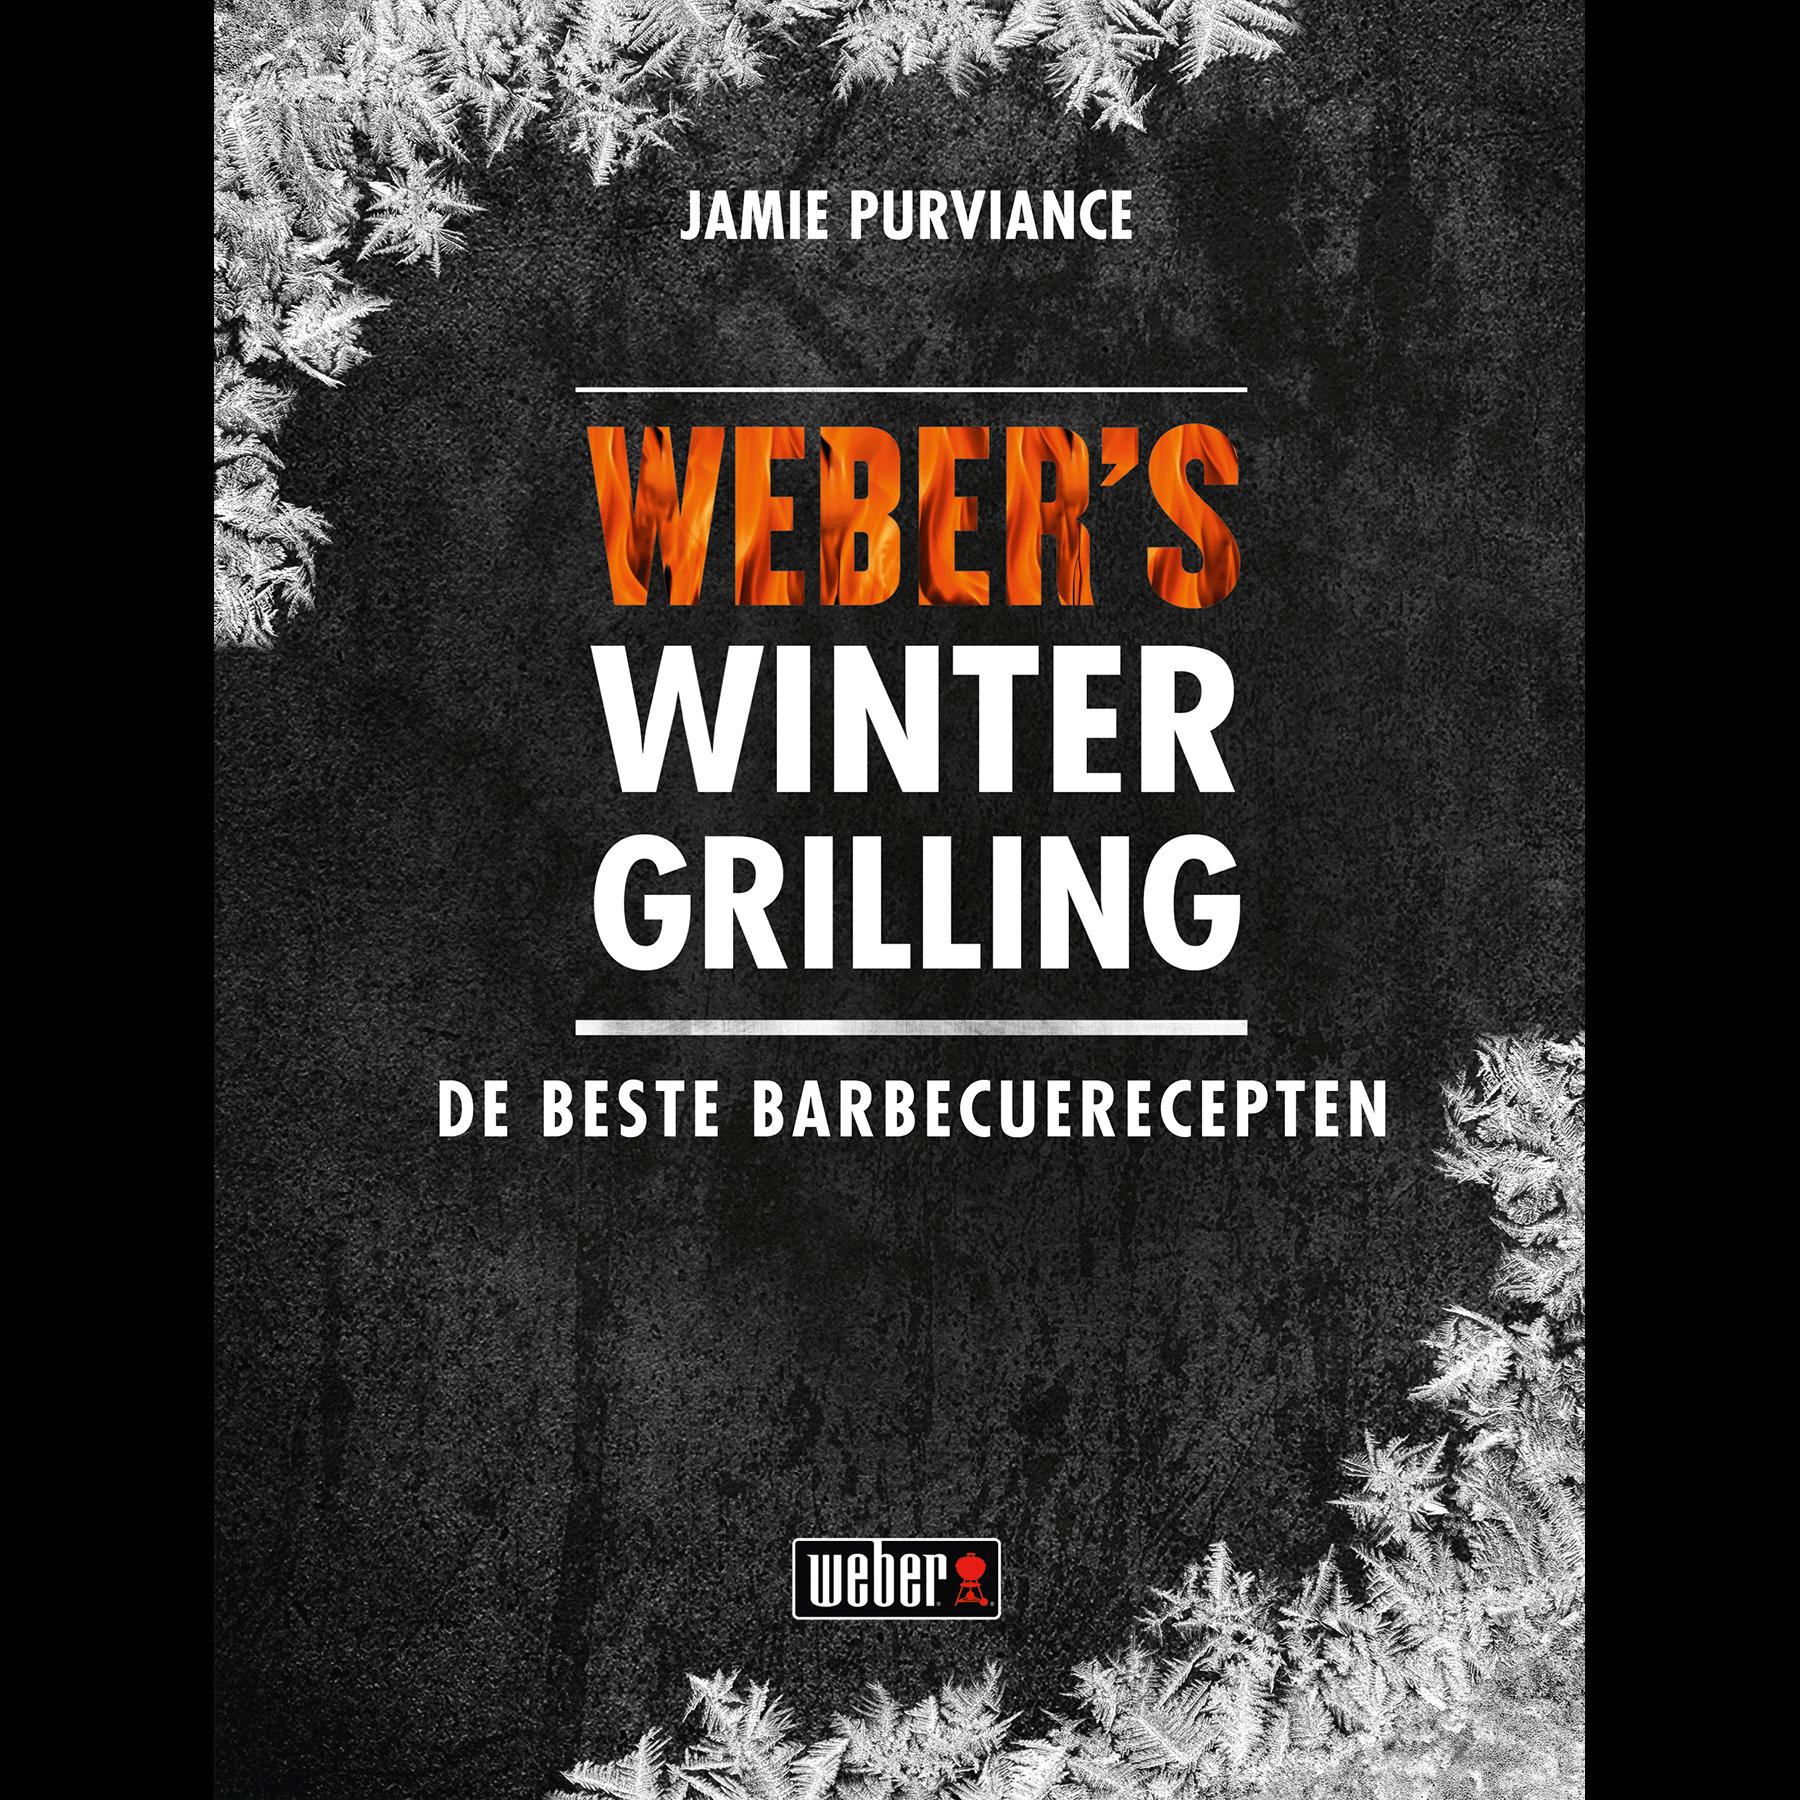 Weber's Winter Grilling (Nederlandstalige versie)